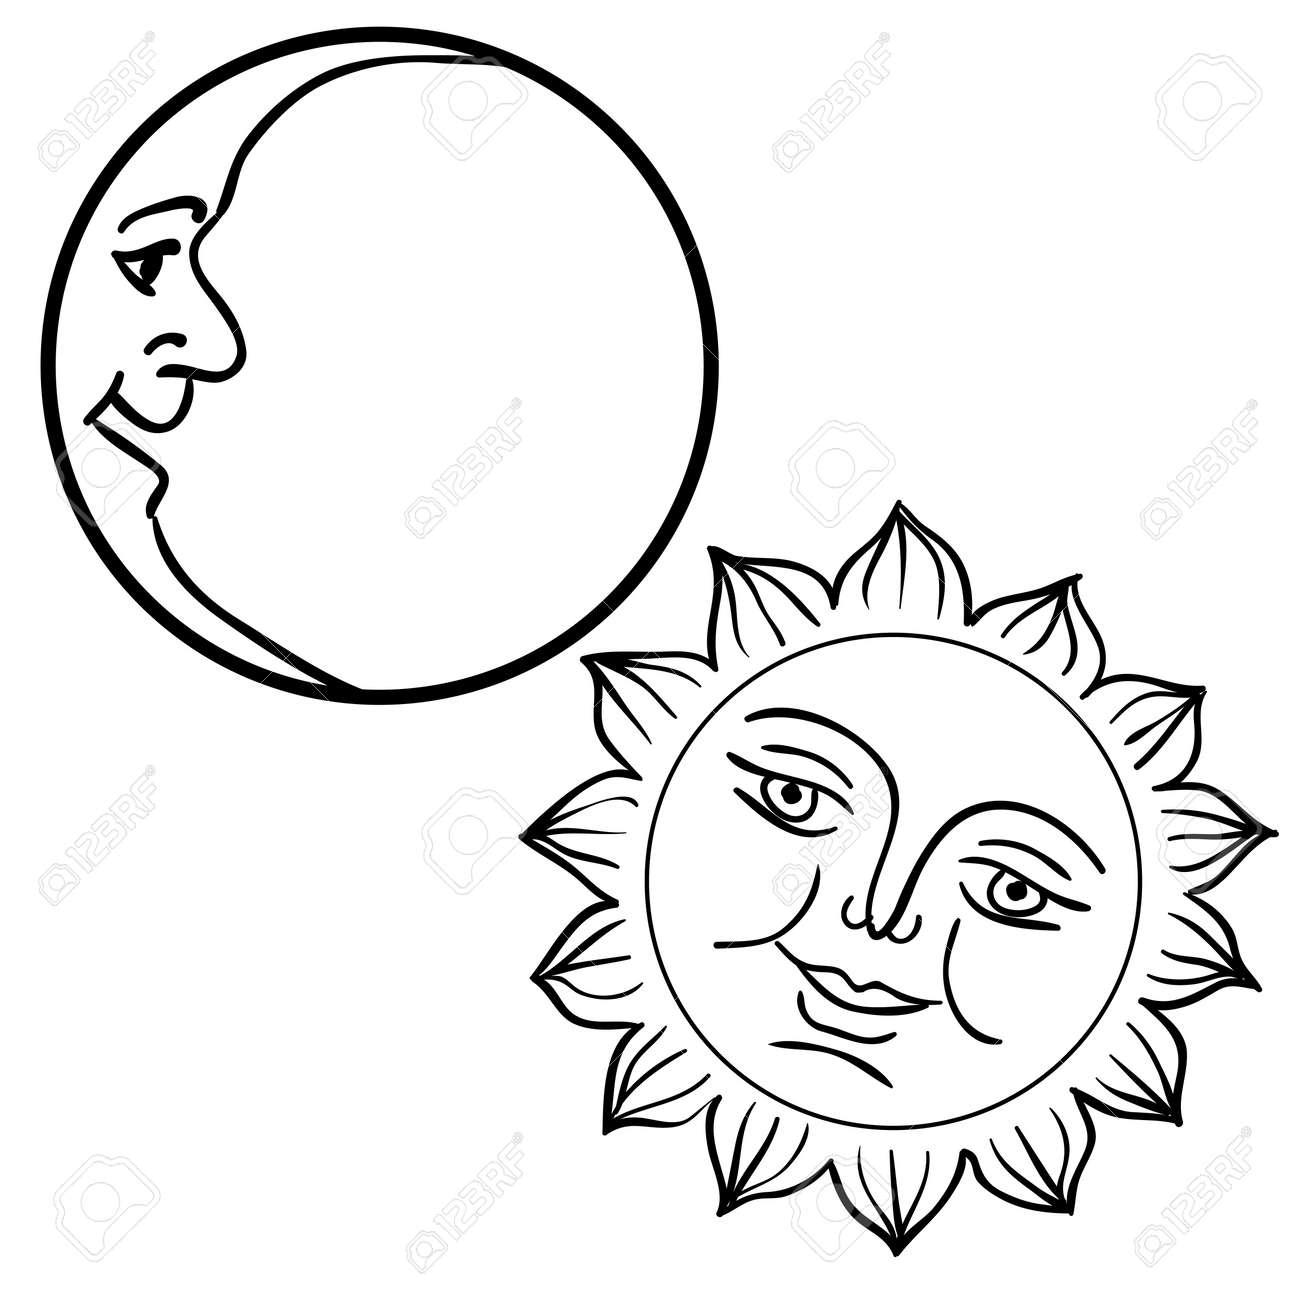 月と太陽の顔を持つのベクトル イラスト ロイヤリティフリークリップ